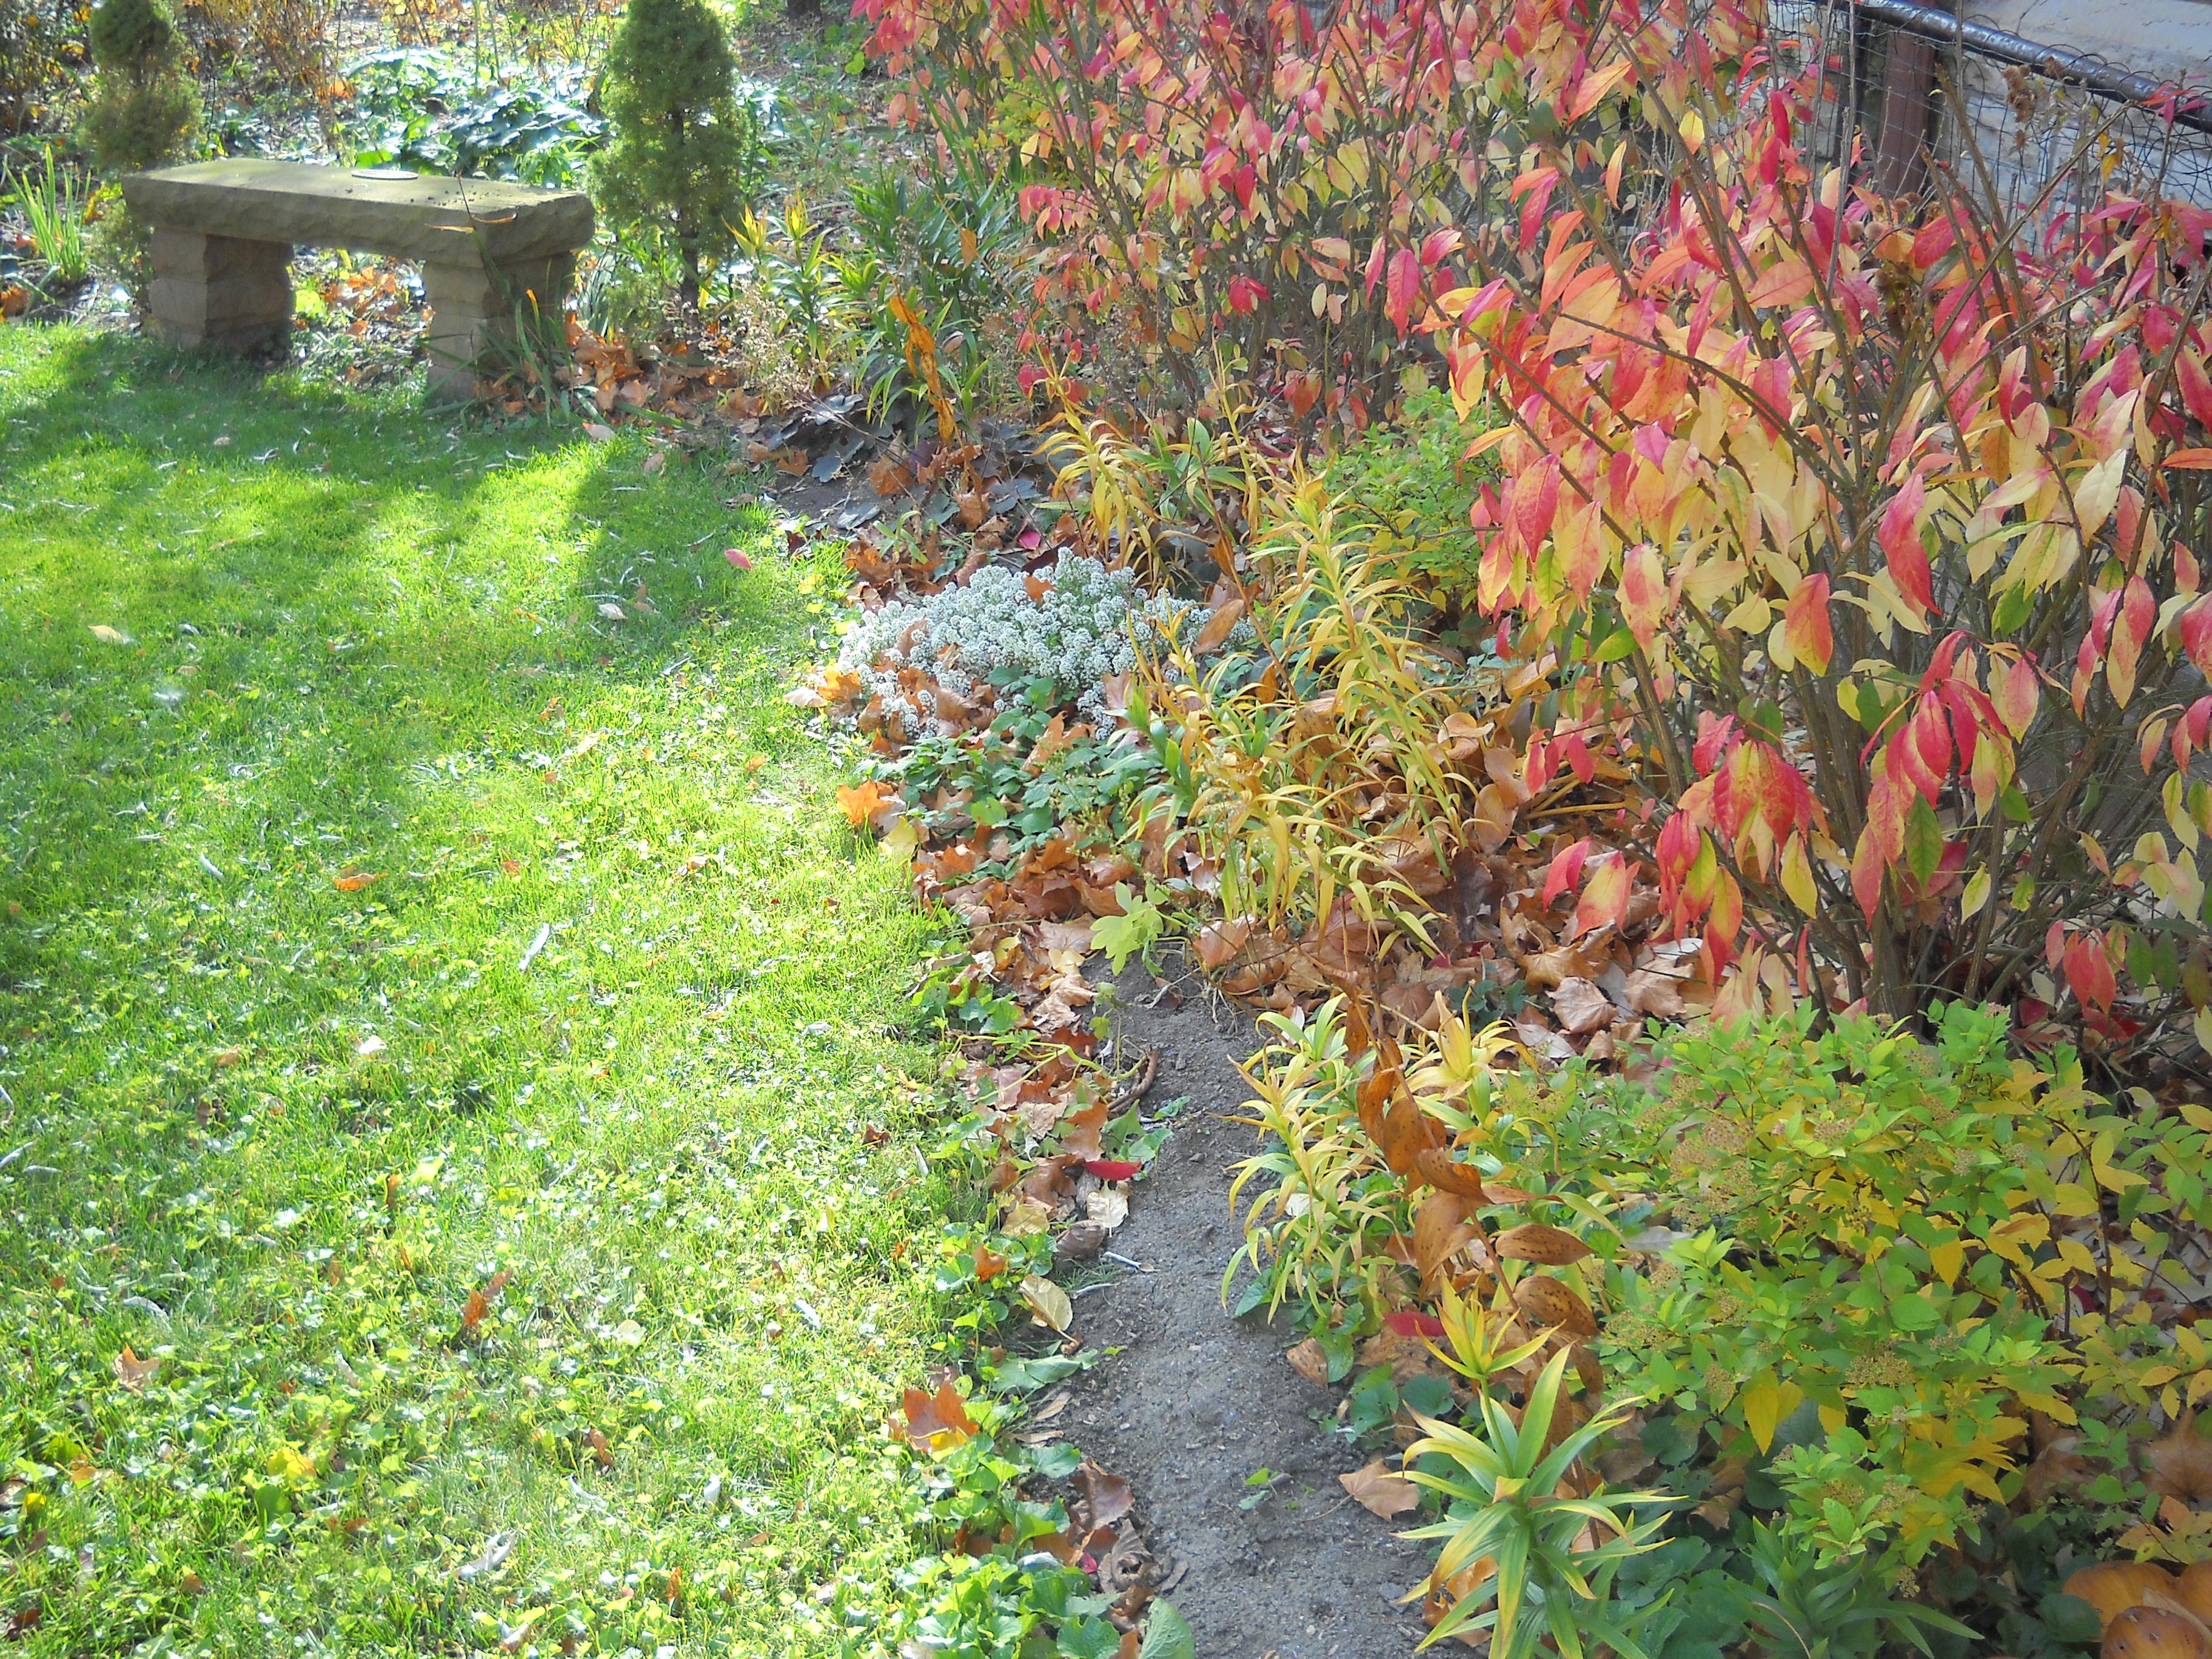 Novembre au jardin jardissimo - Jardin novembre ...